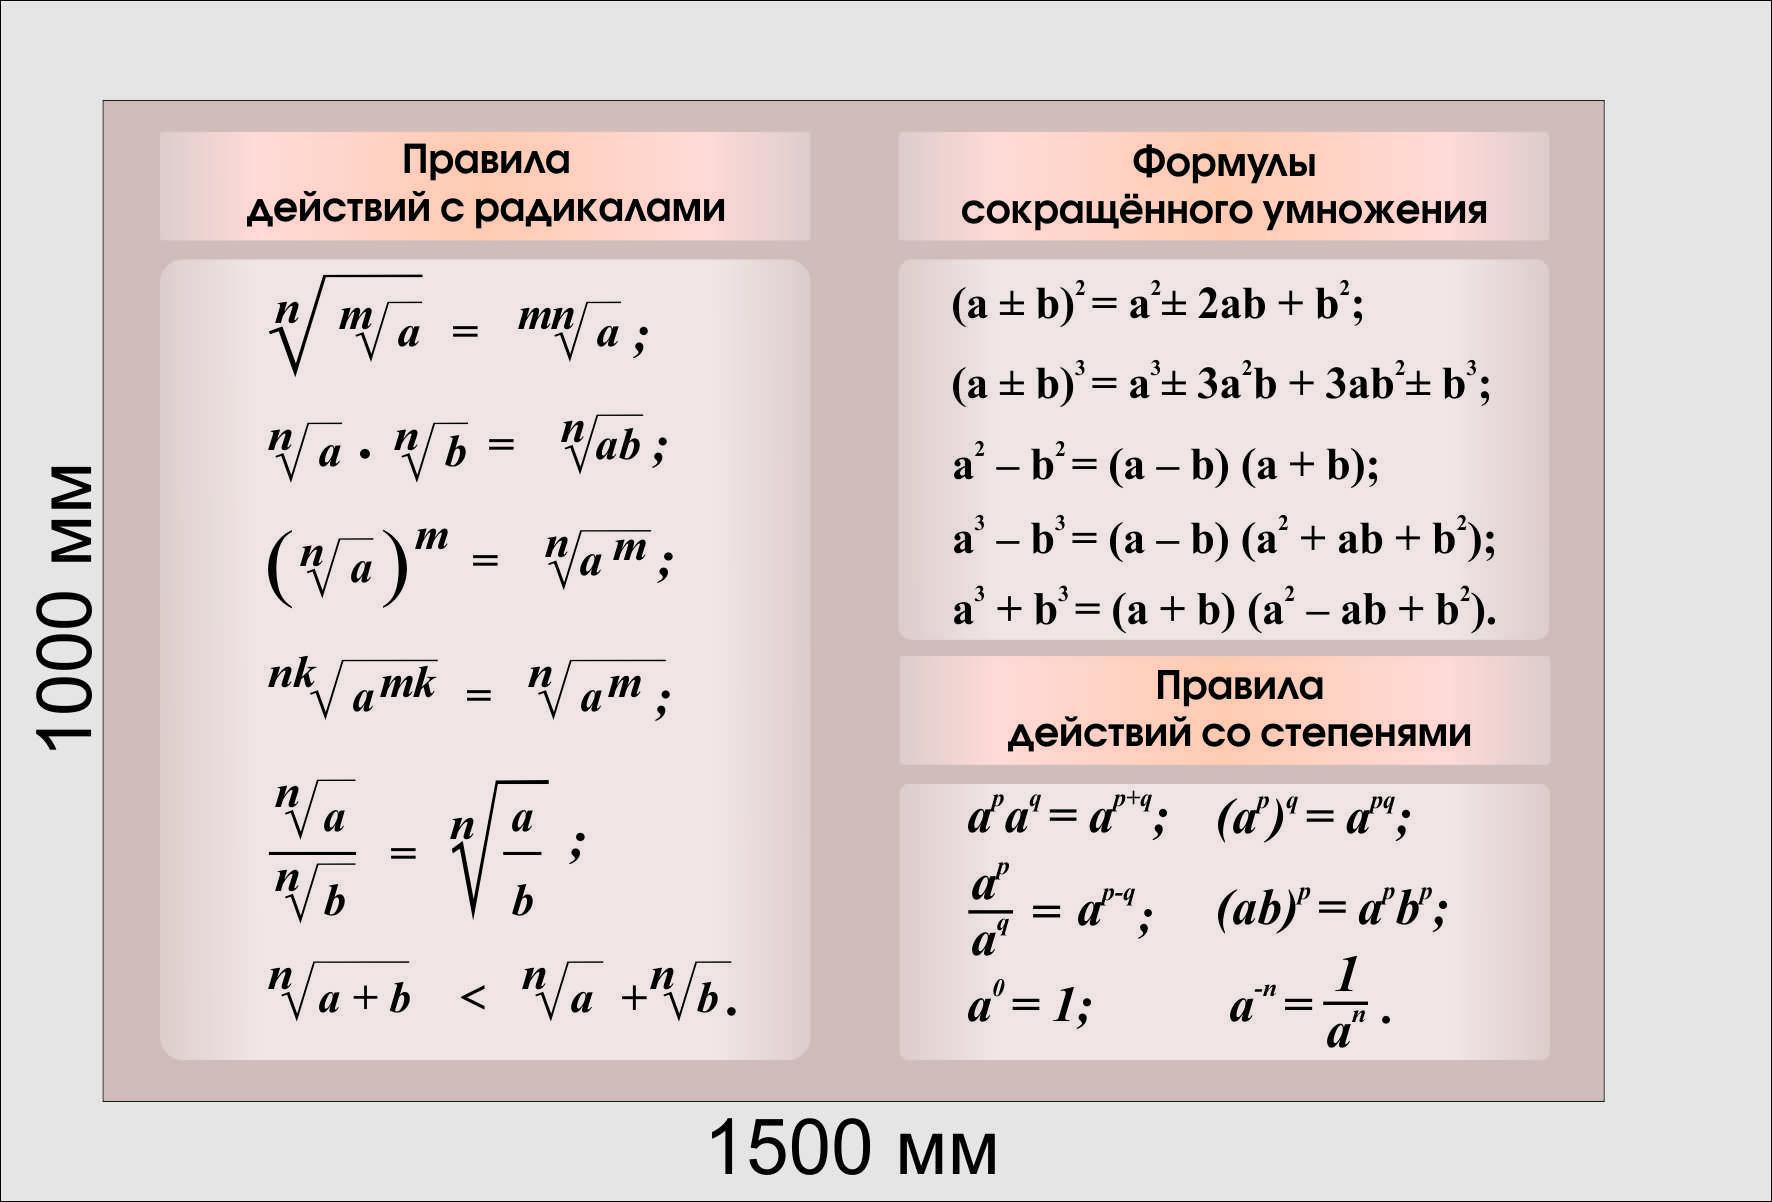 решебник по алгибре формула сокращёного триугольника и их приминения